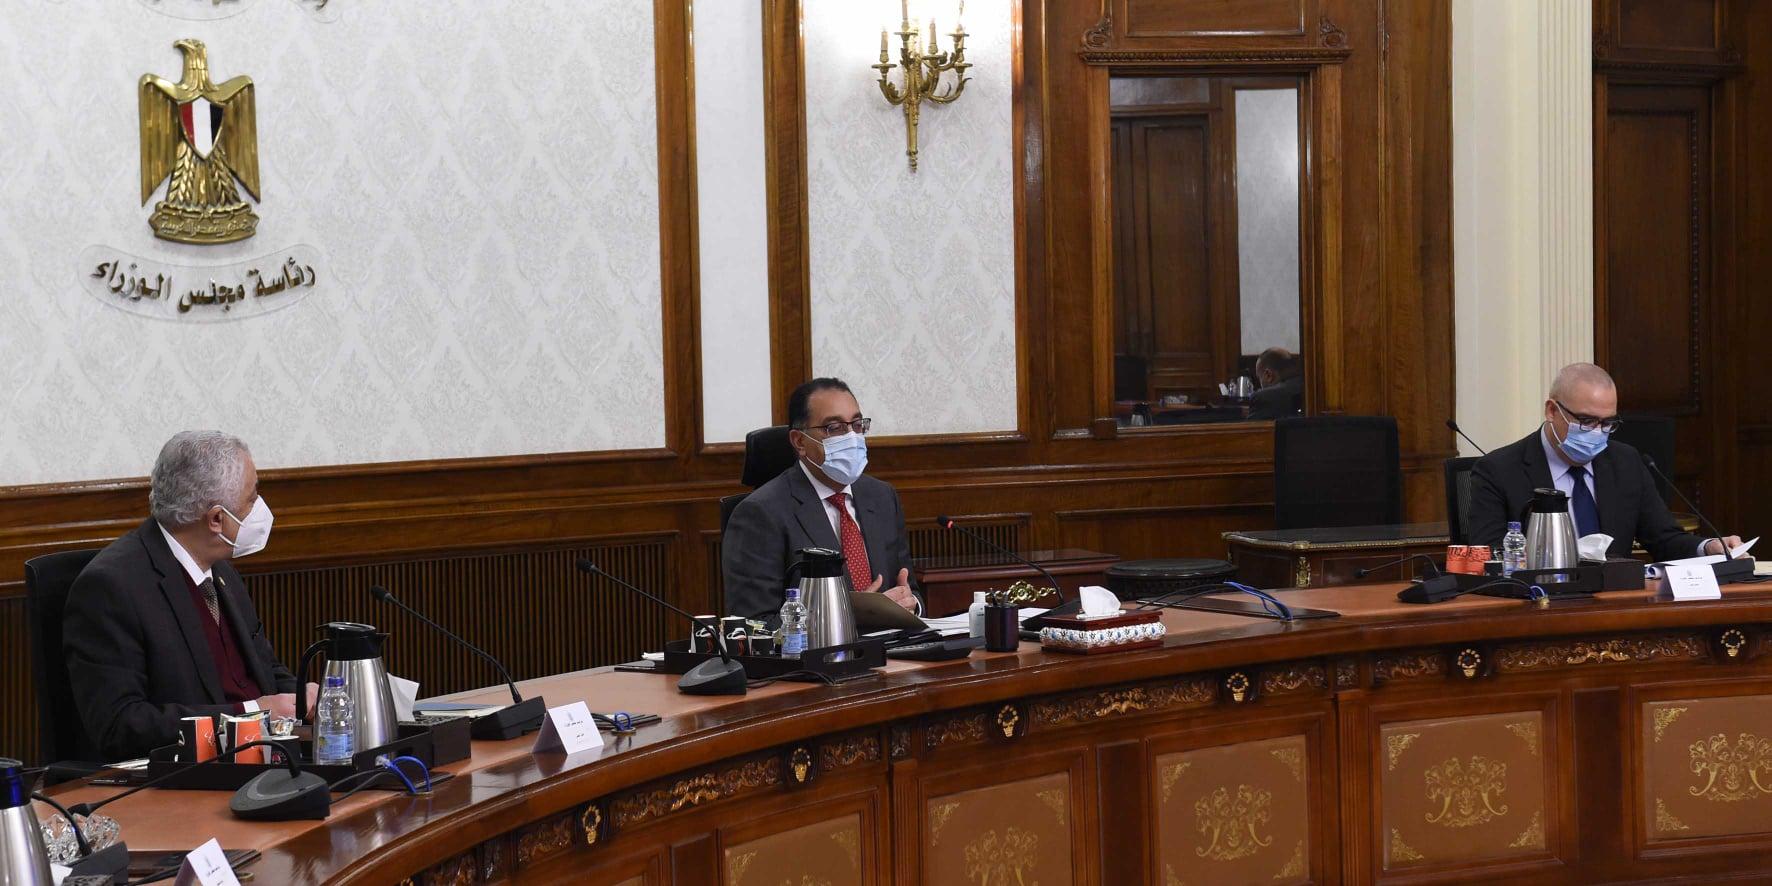 صور | رئيس الوزراء يُتابع موقف تنفيذ مباني مدارس النيل